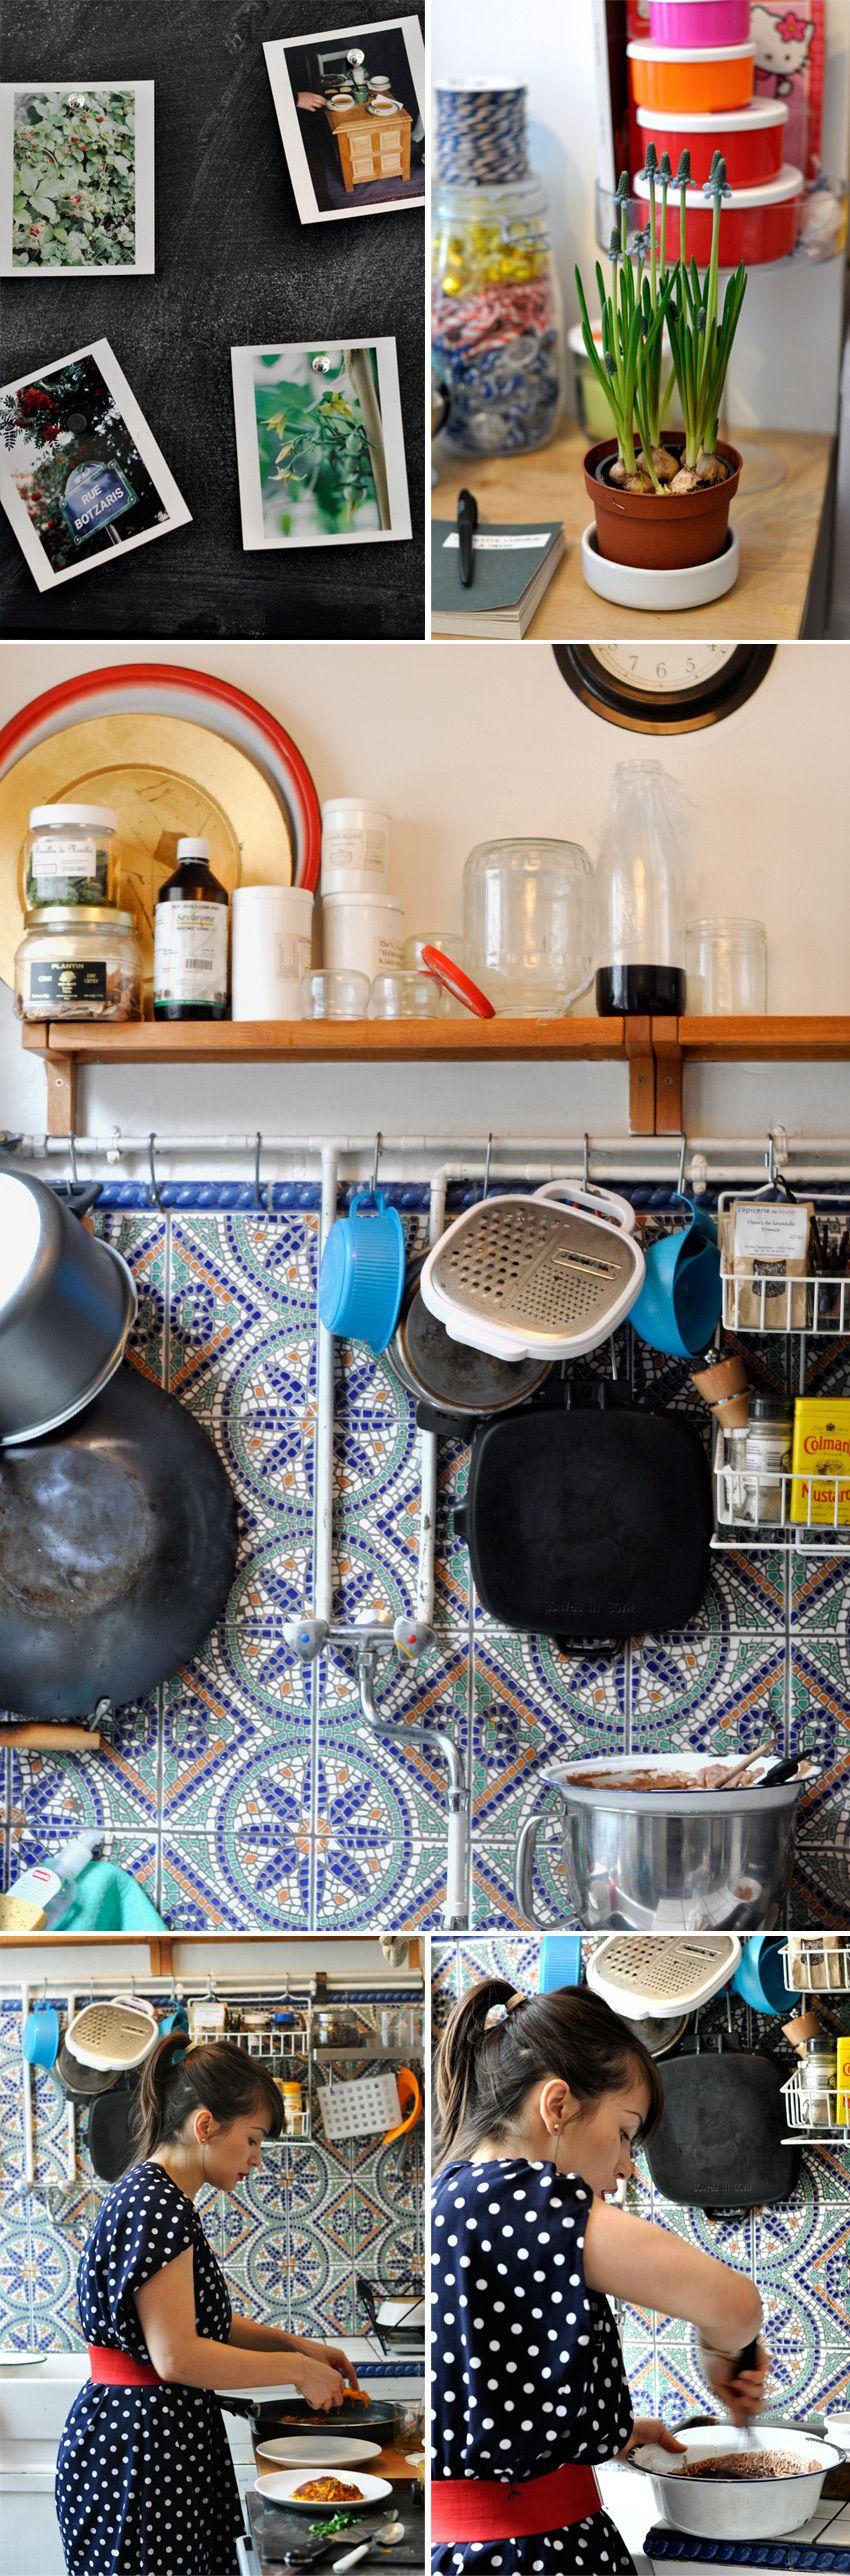 La Petite Cuisine De Rachel Khoo Griottes Palette Culinaire Cuisine Parisienne Rachel Khoo Decoration Maison